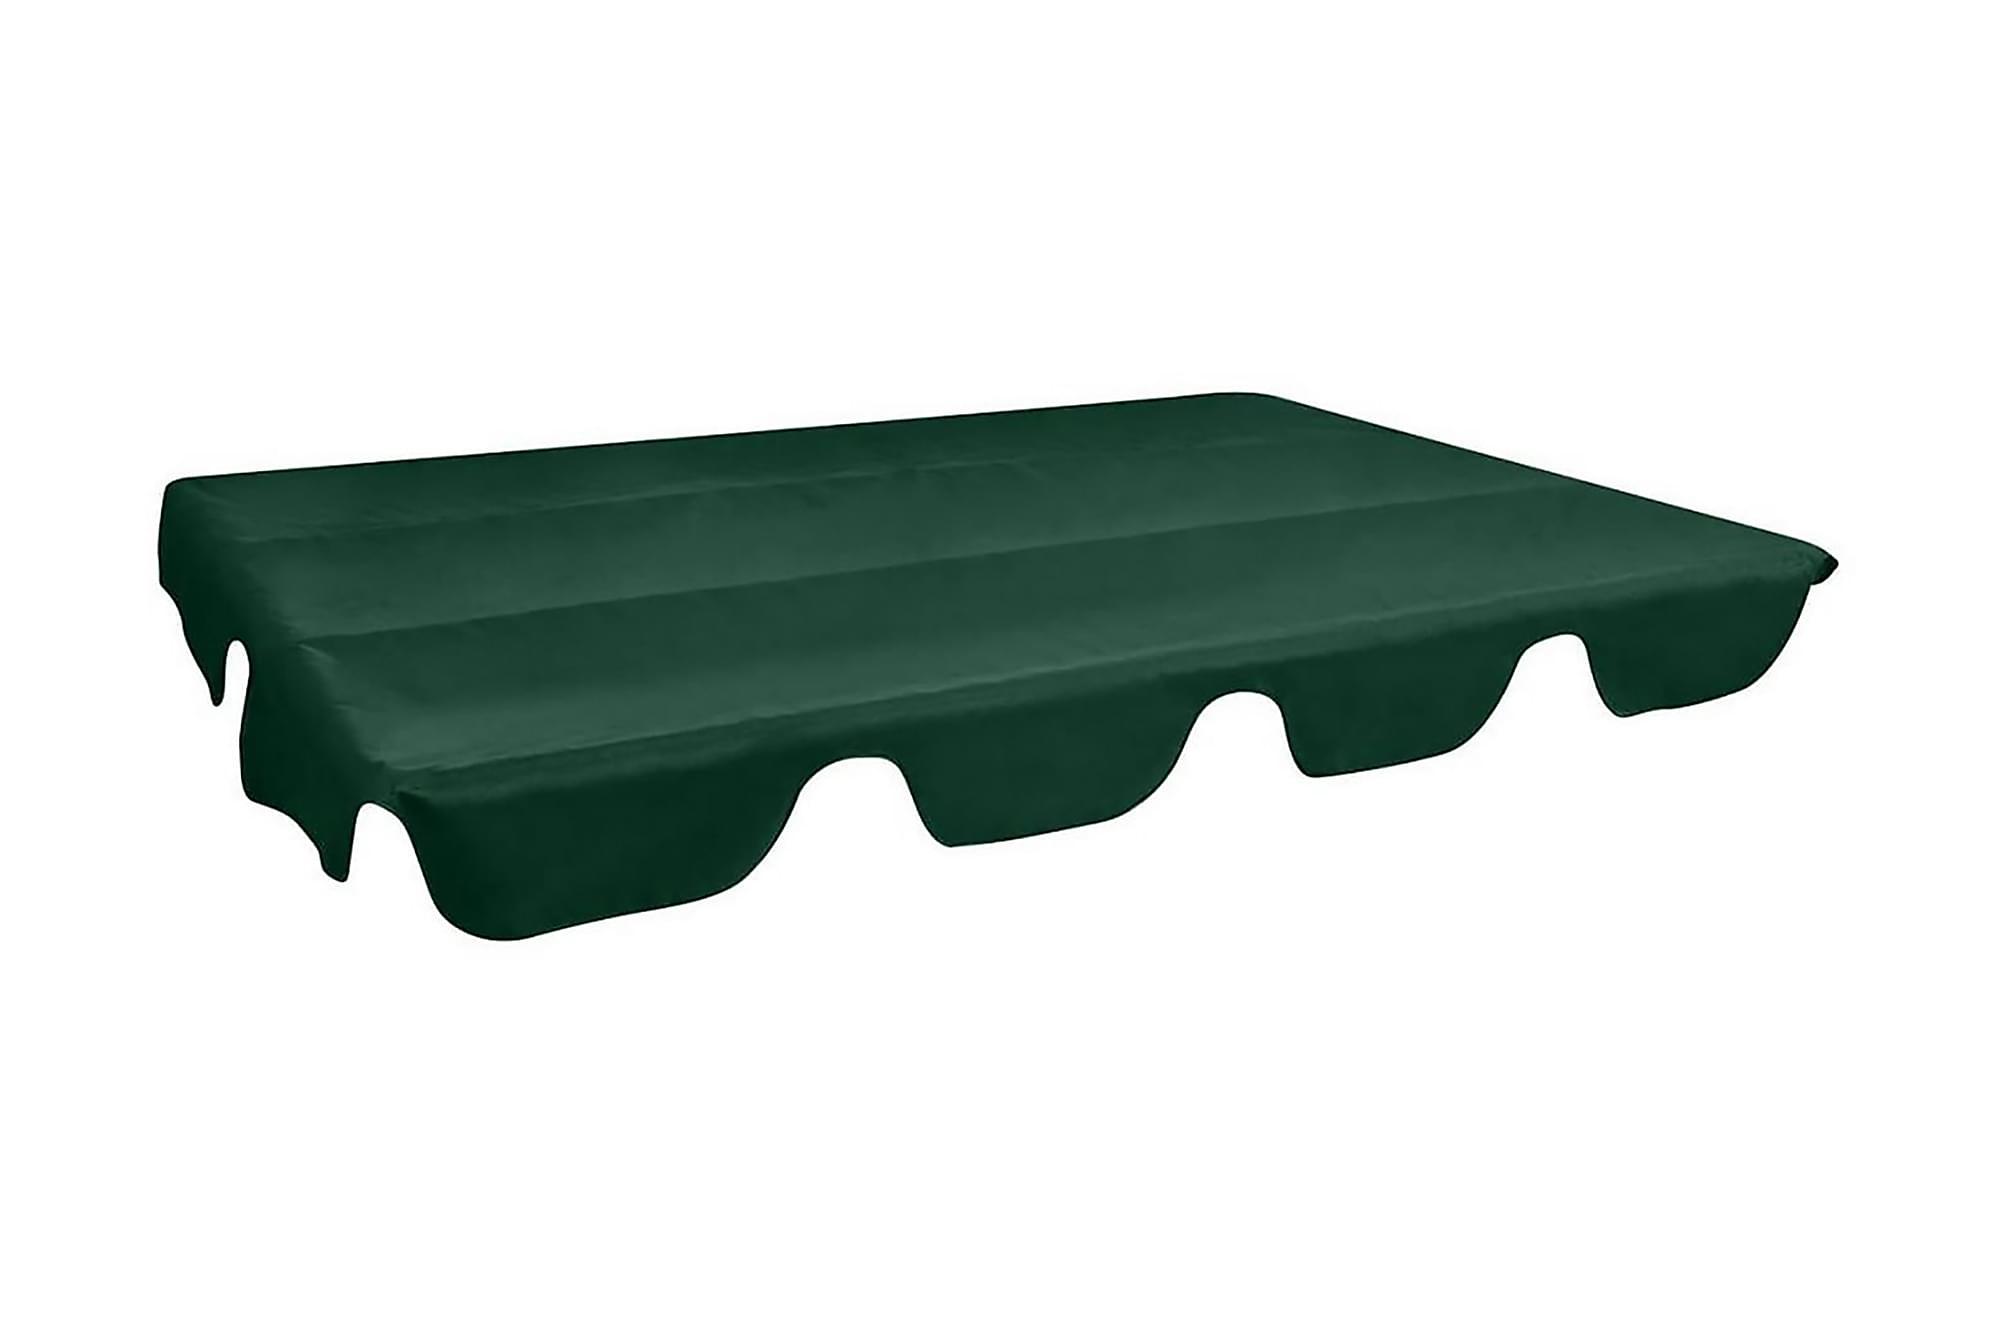 Reservtak för hammock grön 249×185 cm